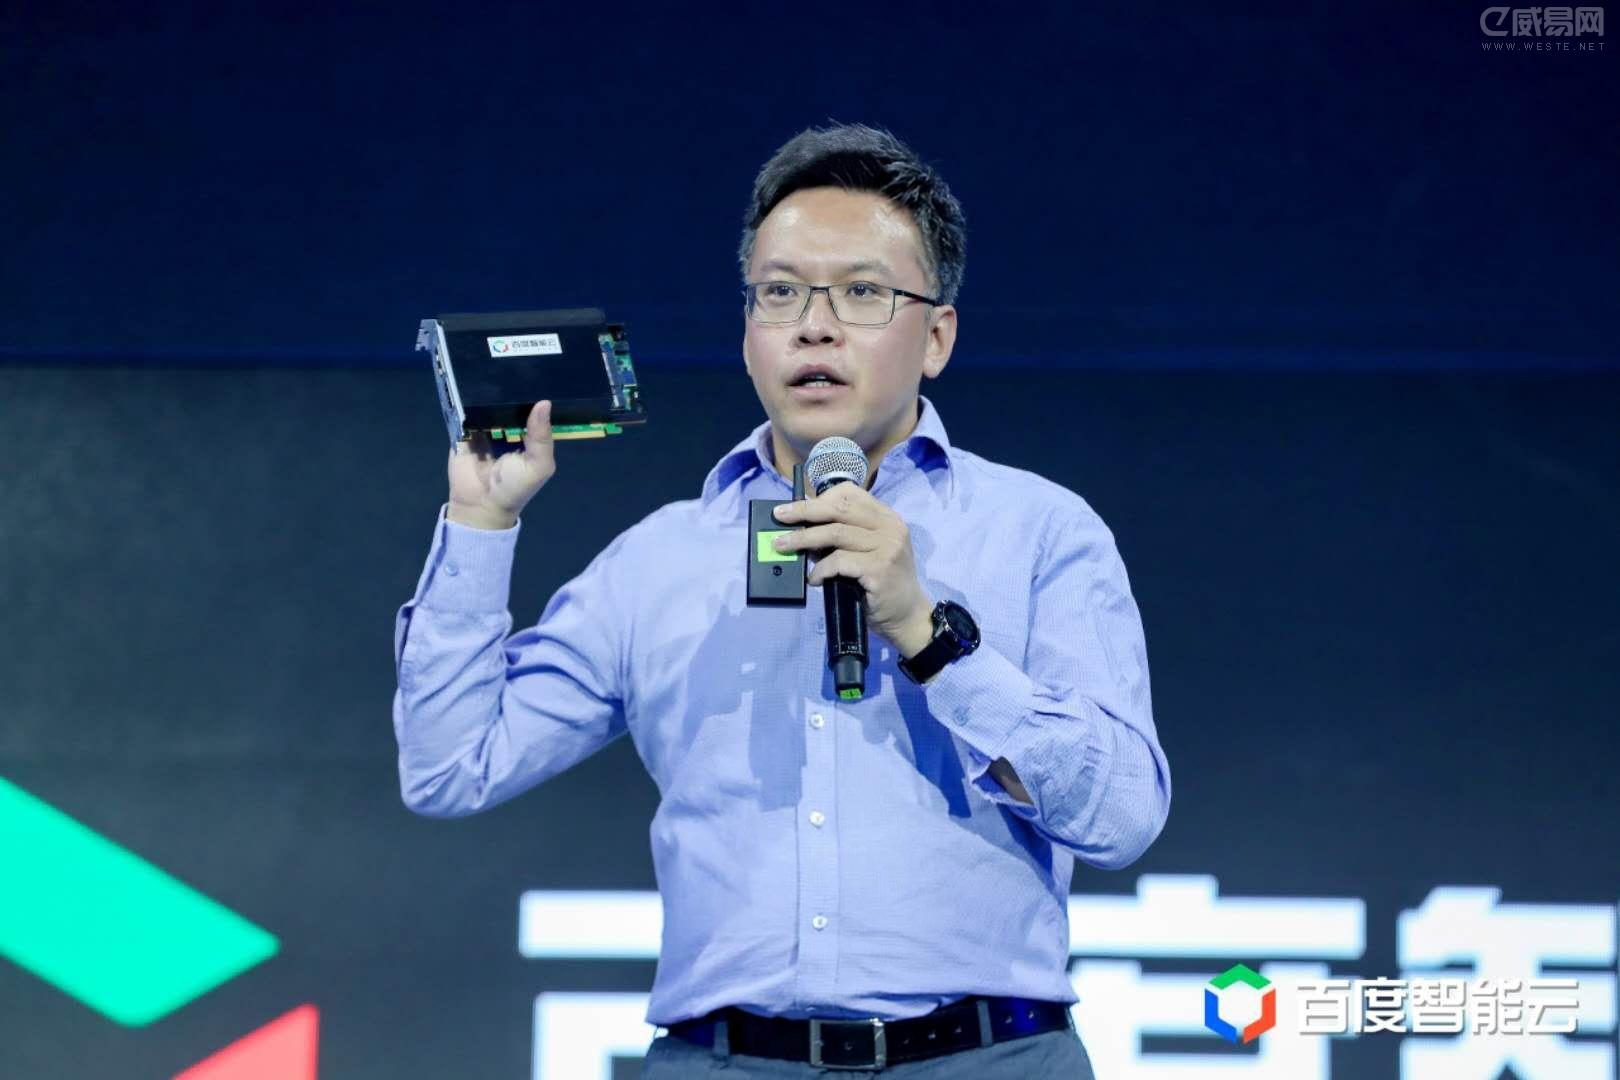 2021百度云智峰会智能计算峰会召开八大新品发布、八大产品升级-奇享网